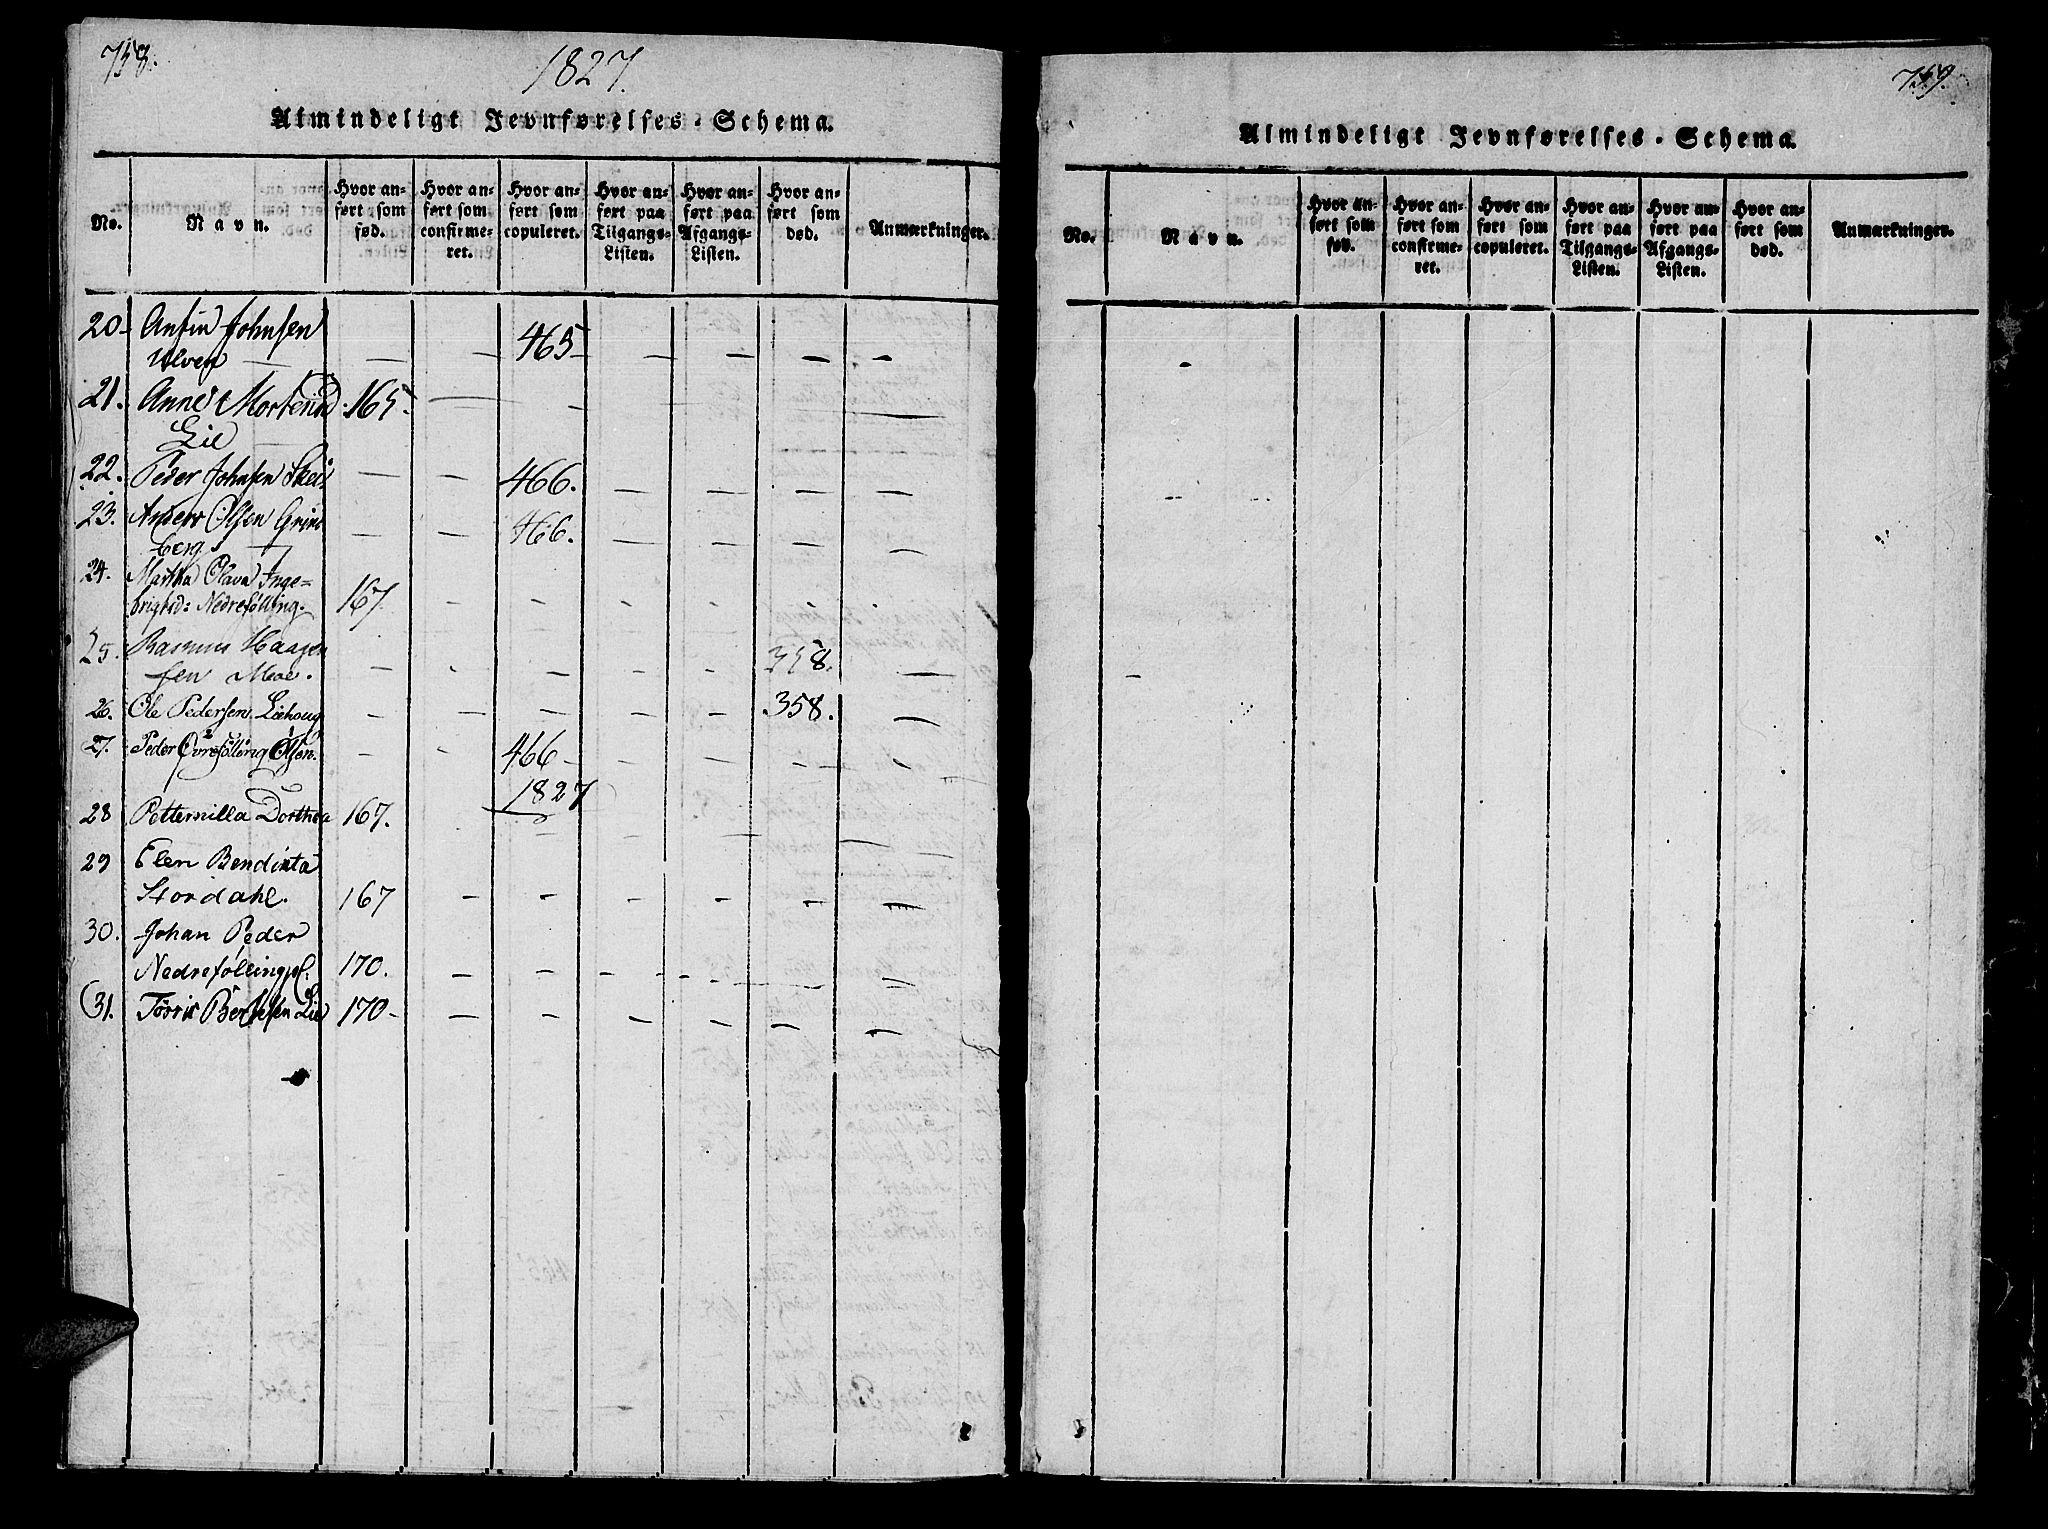 SAT, Ministerialprotokoller, klokkerbøker og fødselsregistre - Nord-Trøndelag, 746/L0441: Ministerialbok nr. 746A03 /4, 1816-1827, s. 758-759